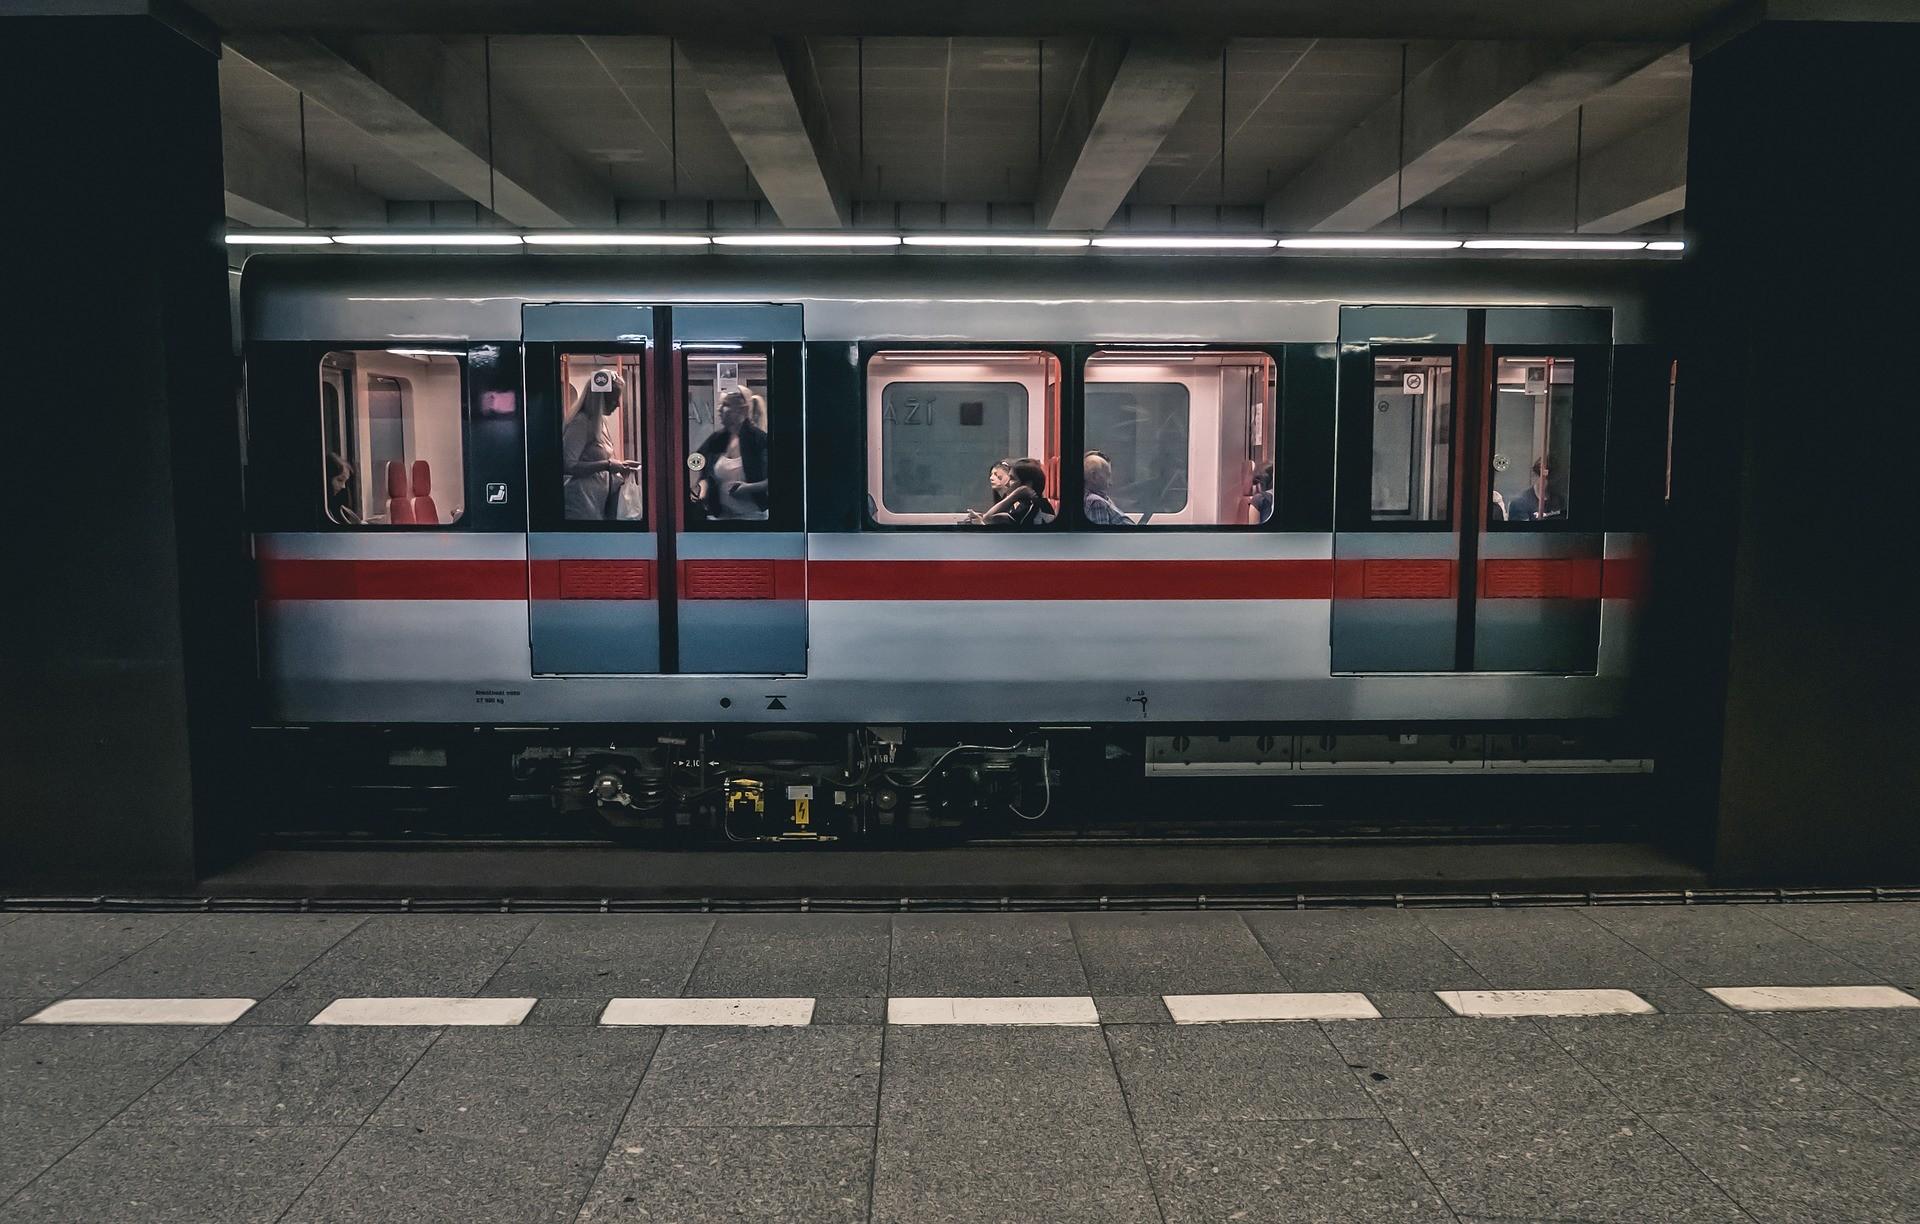 Esperienza a Praga (Repubblica Ceca), di Chirag